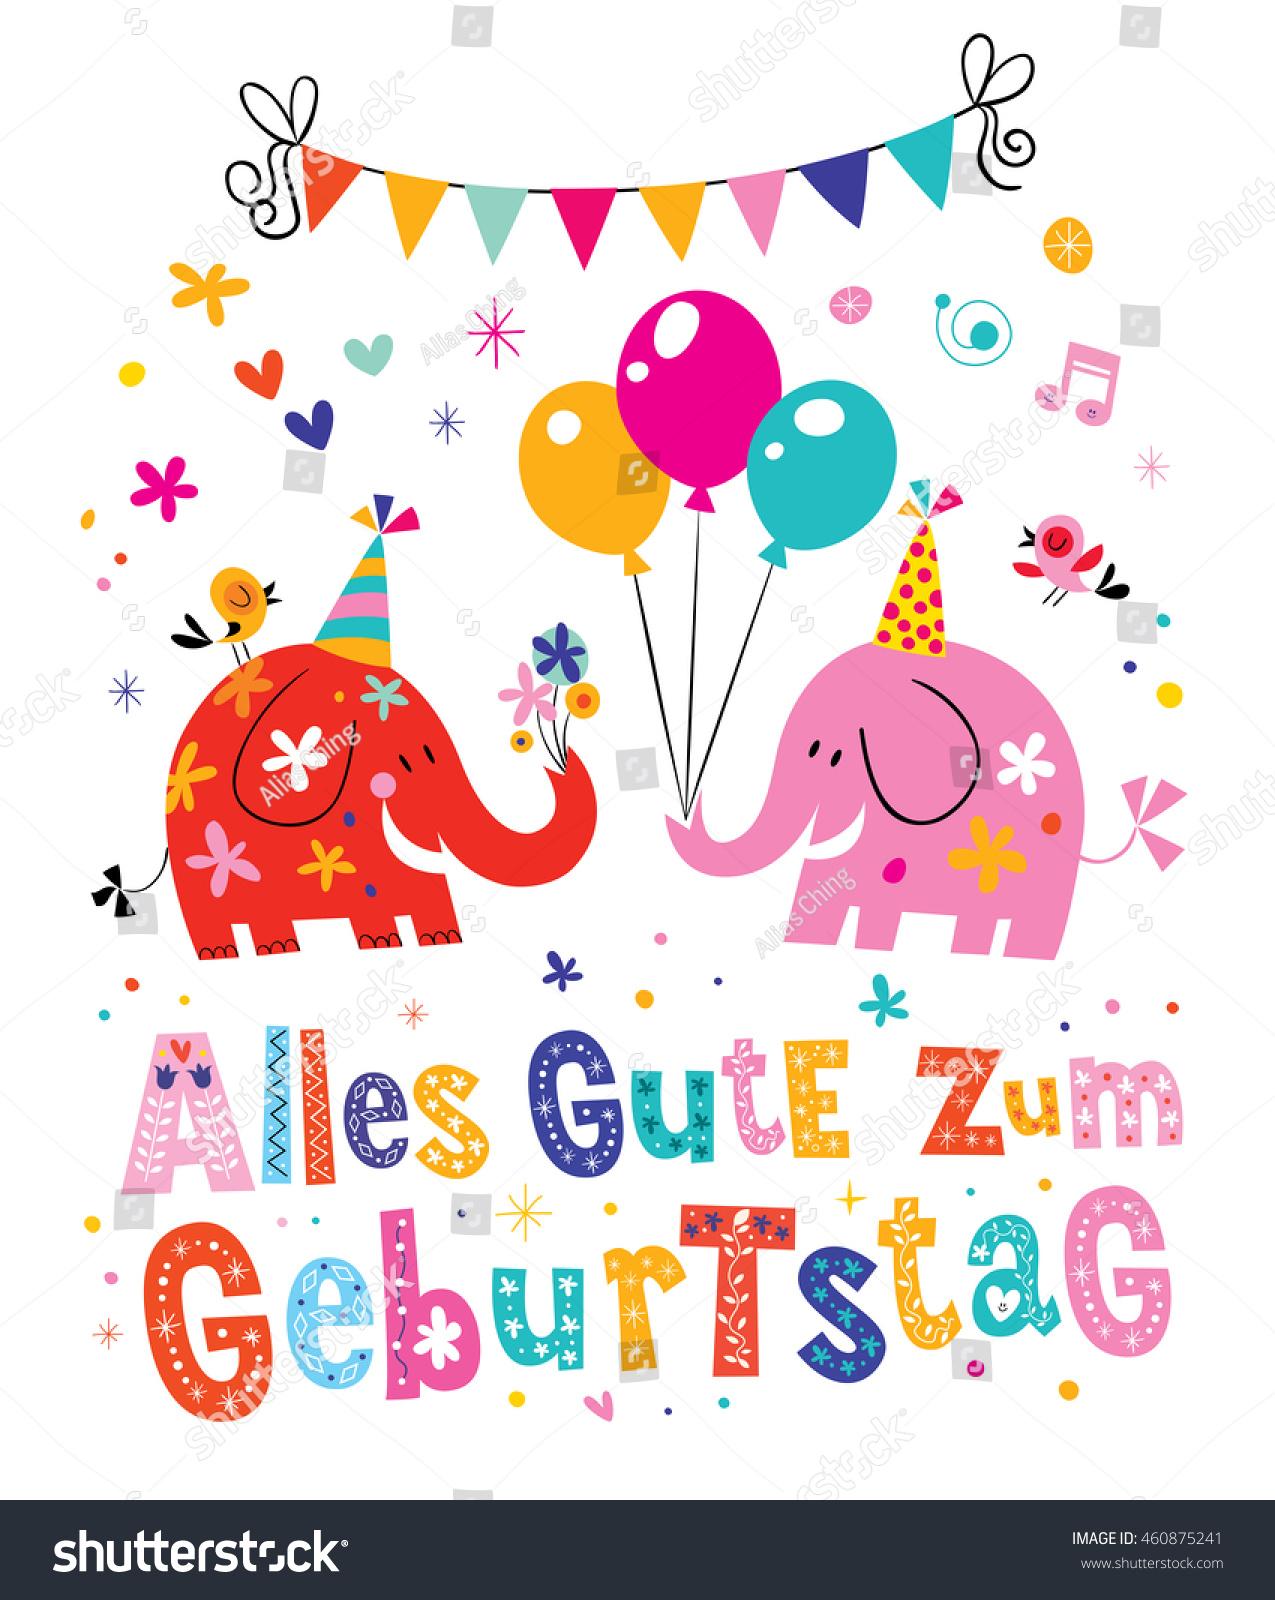 Alles Gute zum Geburtstag Deutsch German Happy birthday greeting – Birthday Card in German